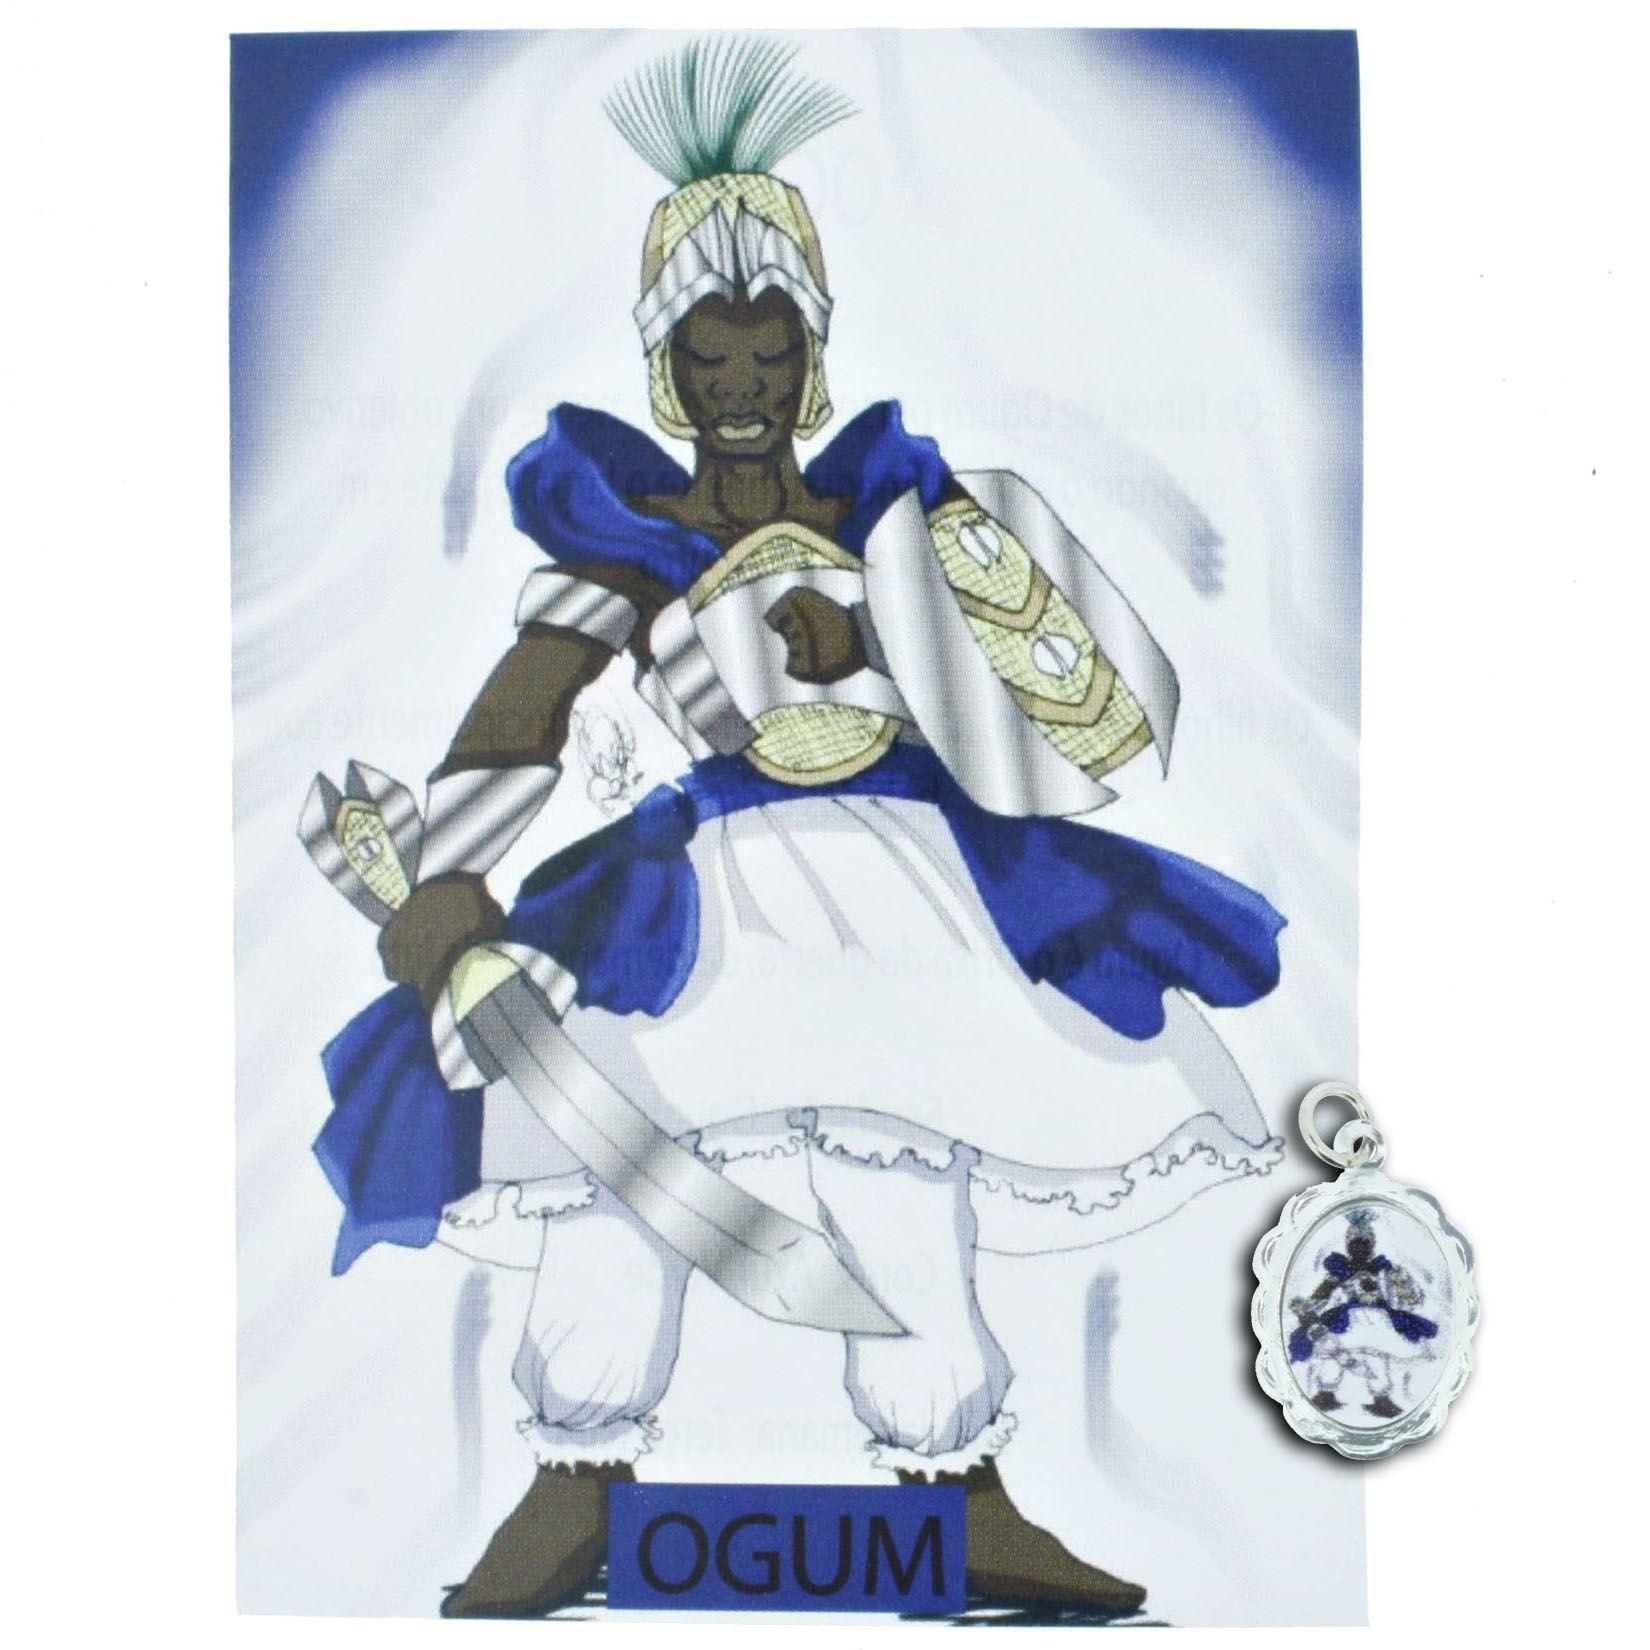 Medalha Ogum + Folheto  - Universo Religioso® - Artigos de Umbanda e Candomblé